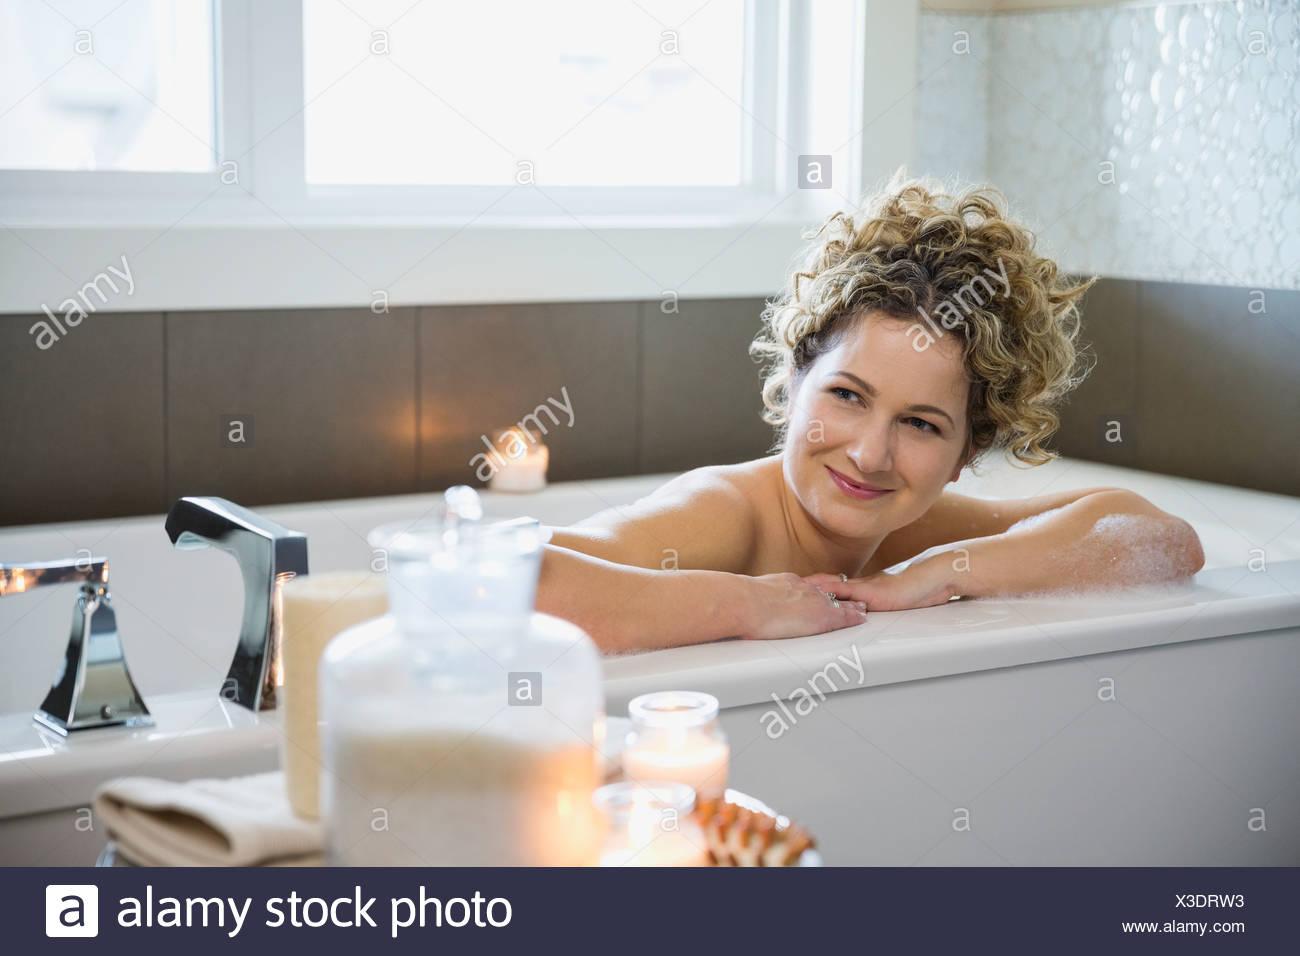 Donna matura che guarda lontano mentre vi rilassate nella vasca da bagno Immagini Stock